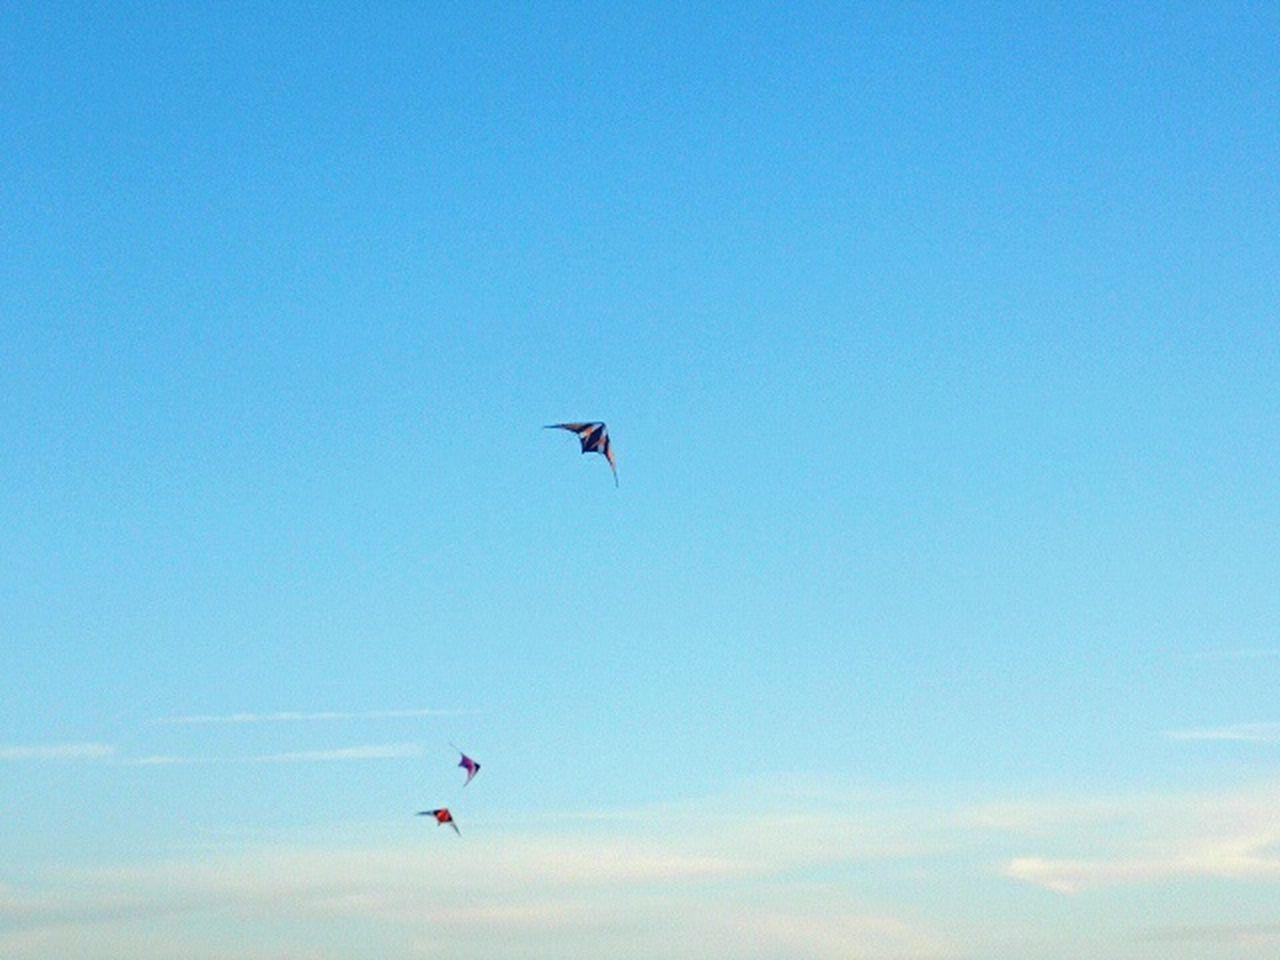 Flying Kite Kite Flying Cloud Outdoors Flying High Flying A Kite Sky